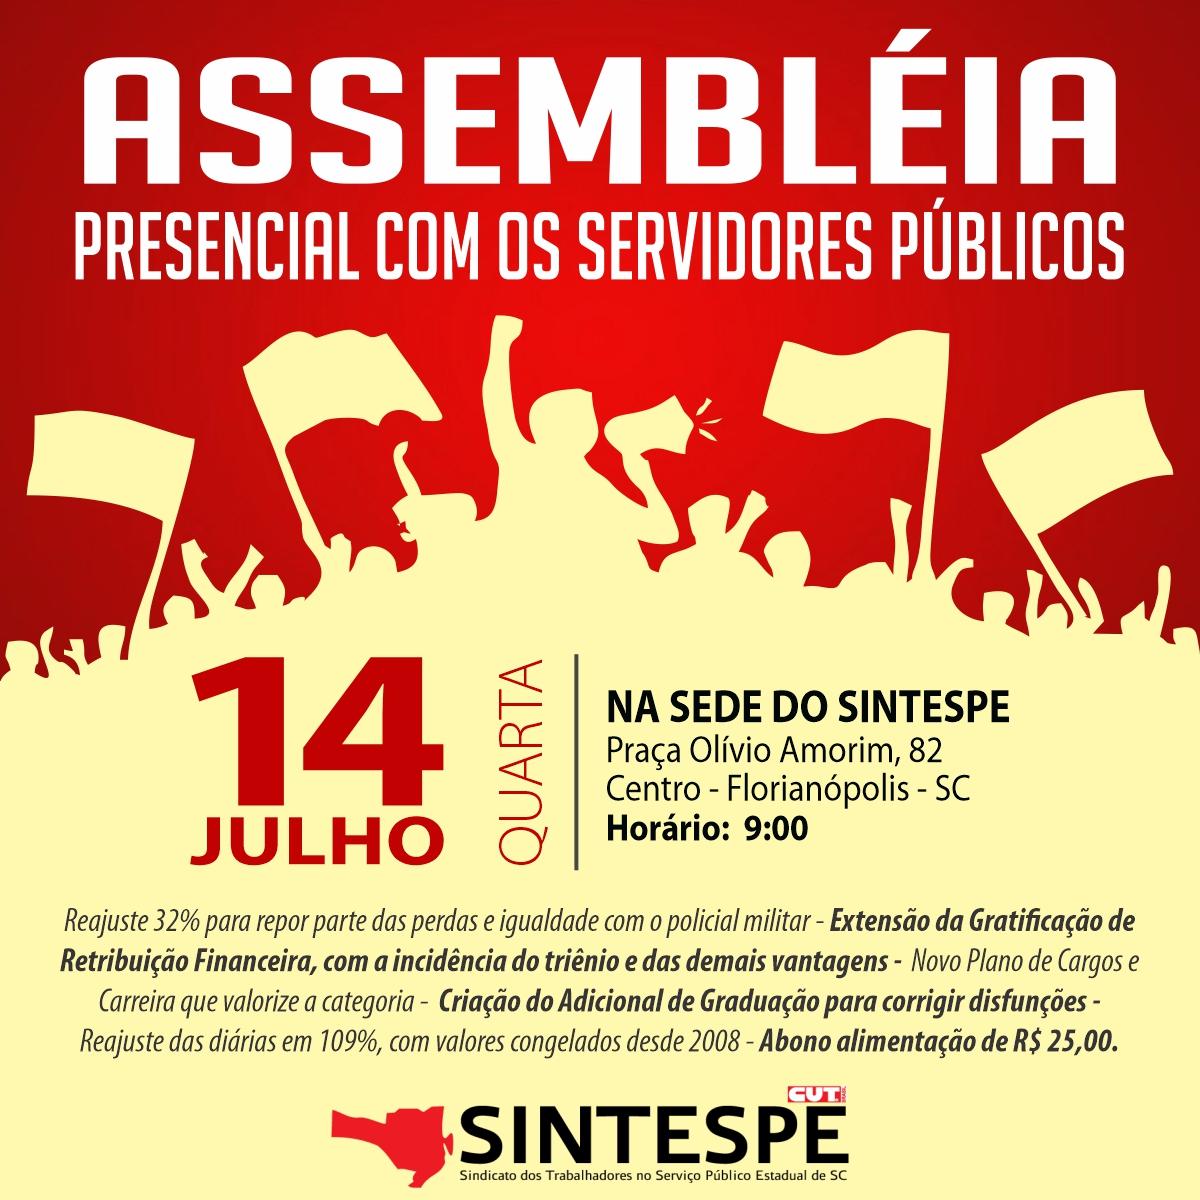 Assembleia Geral dos servidores acontece dia 14 de julho às 9h